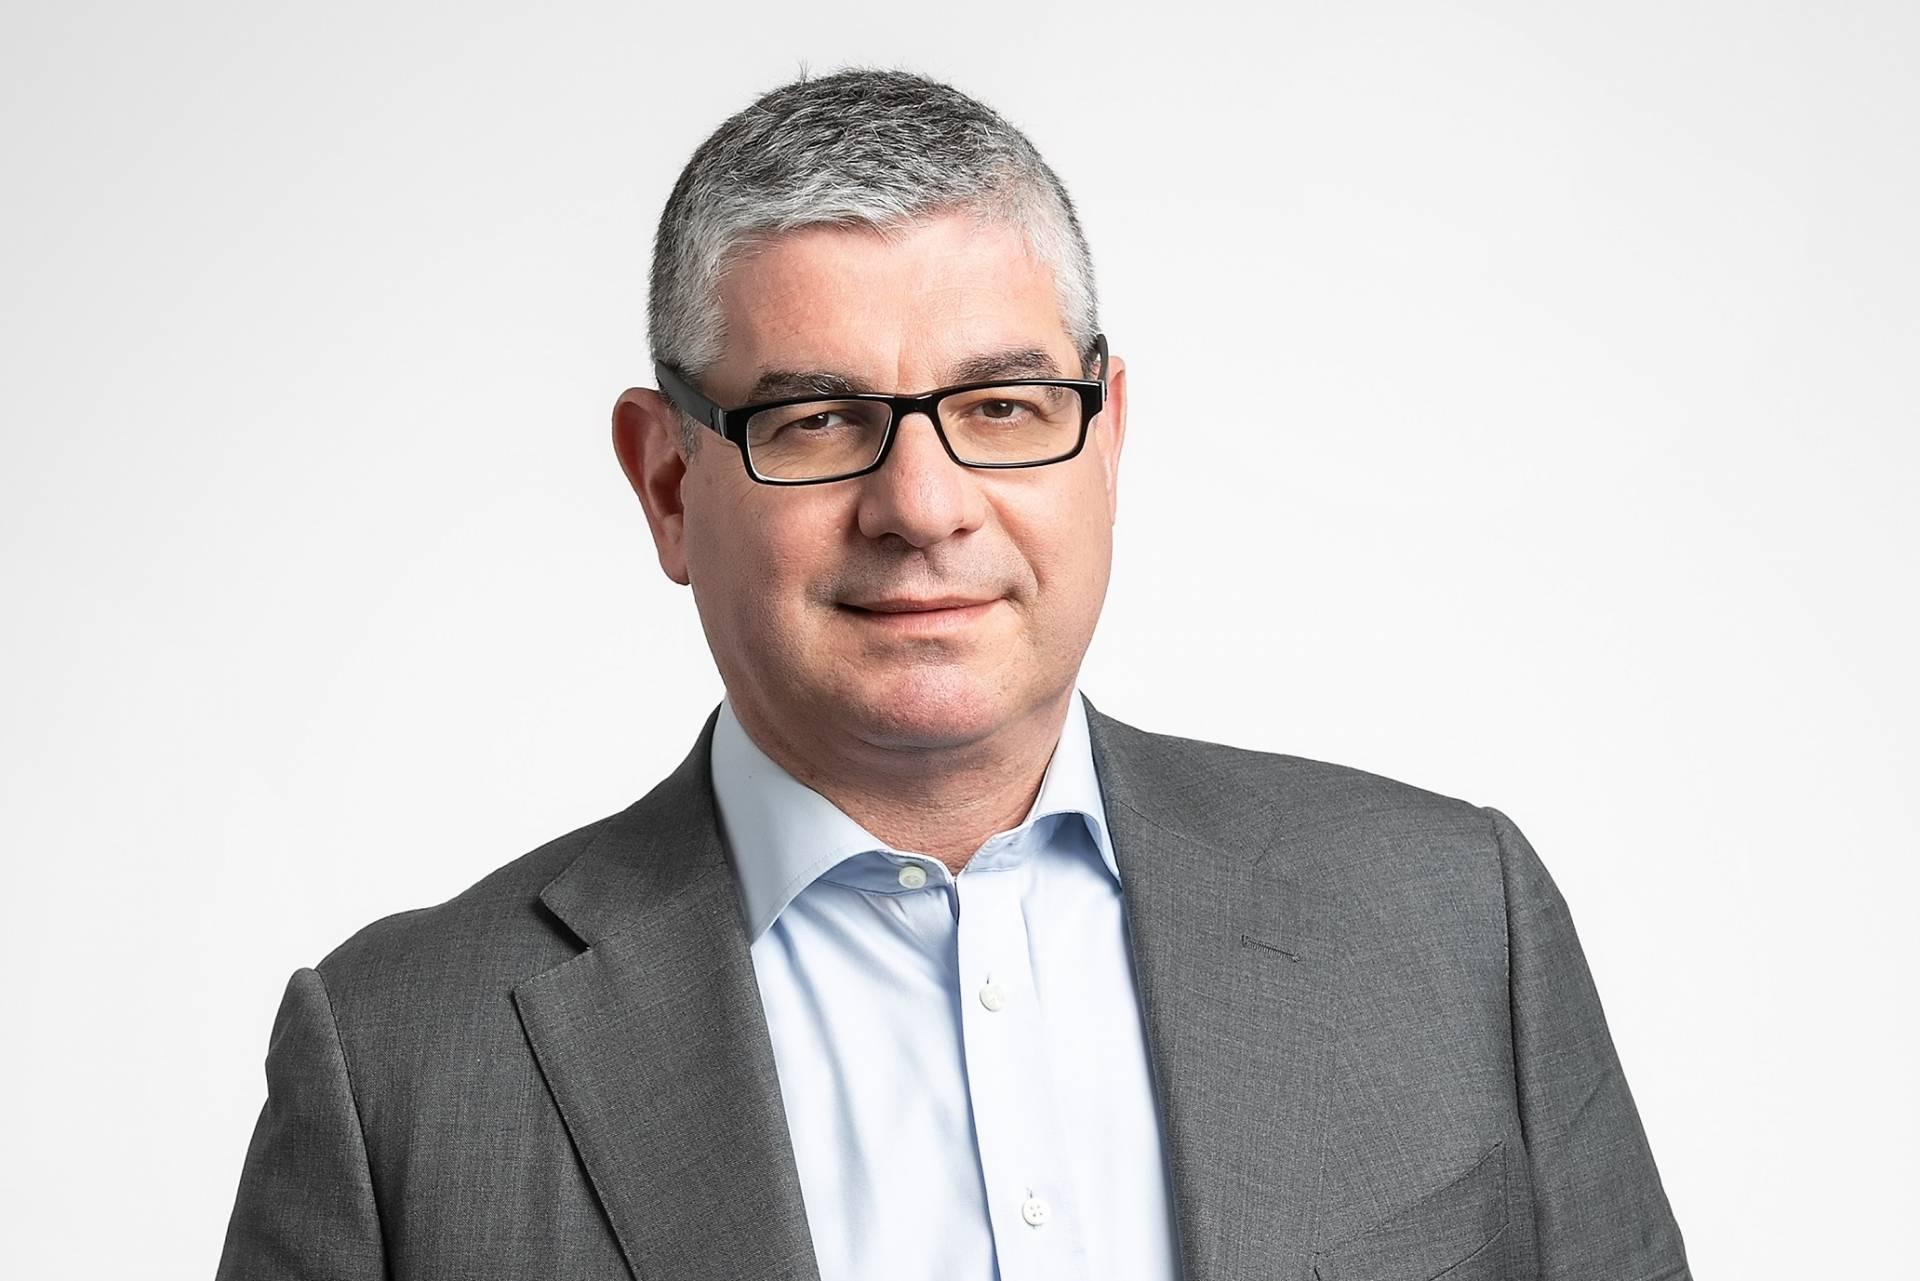 Τσακίρης: Αλλάζουν όλα – διαφορετικό, πιο απλό, πιο γρήγορο το νέο ΕΣΠΑ των 24 δις ευρώ